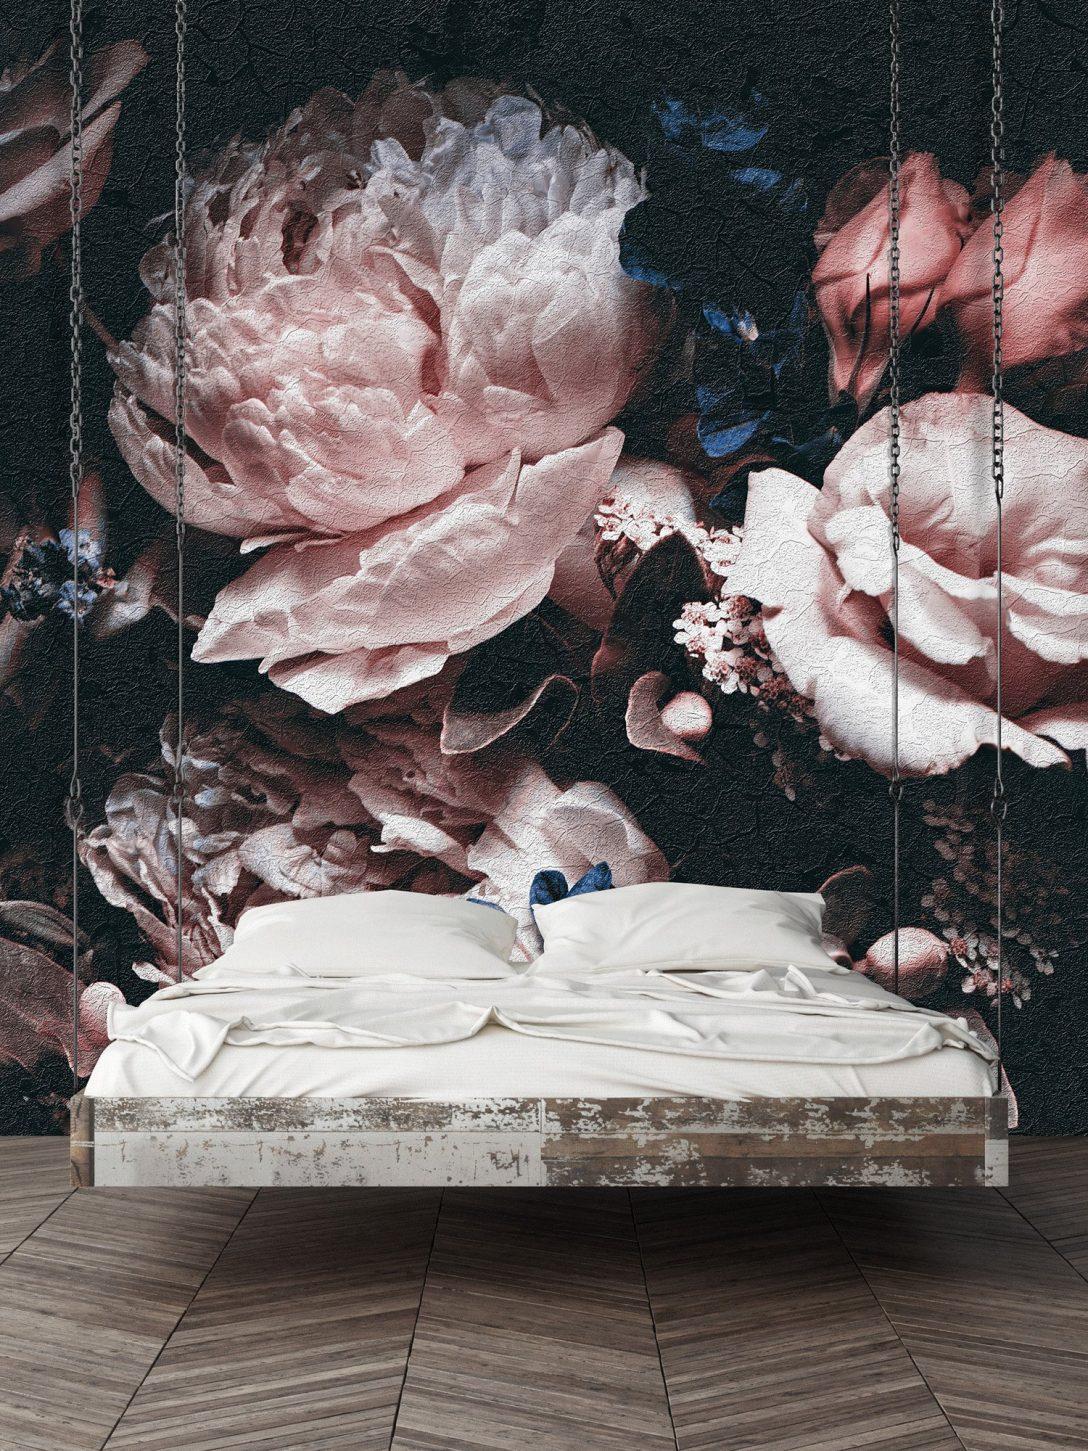 Large Size of Fototapete Blumen Rosa Wanddekorationde Wohnzimmer Fenster Fototapeten Küche Schlafzimmer Wohnzimmer Fototapete Blumen